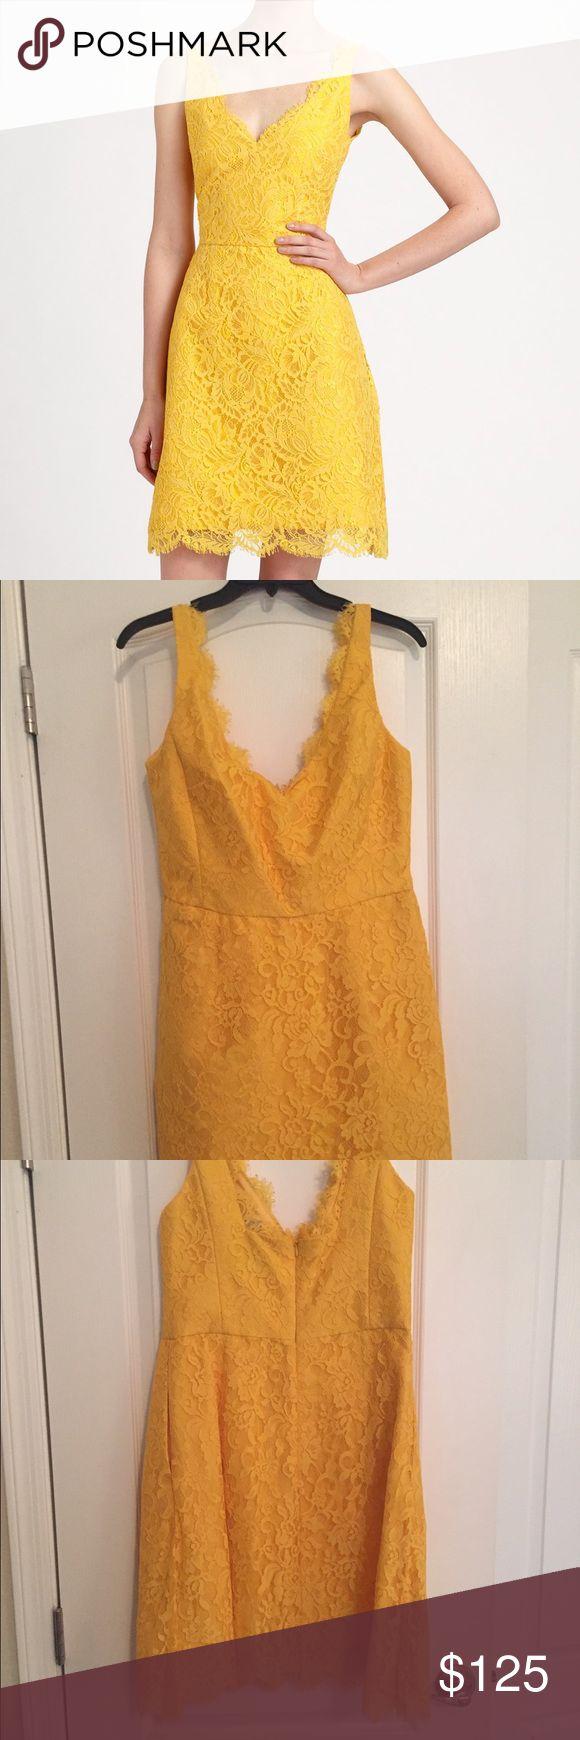 ML Monique Lhuillier yellow lace dress ML Monique Lhuillier lace dress in Yellow. NWT. Never Worn. Has pockets! Size 10. Monique Lhuillier Dresses Midi